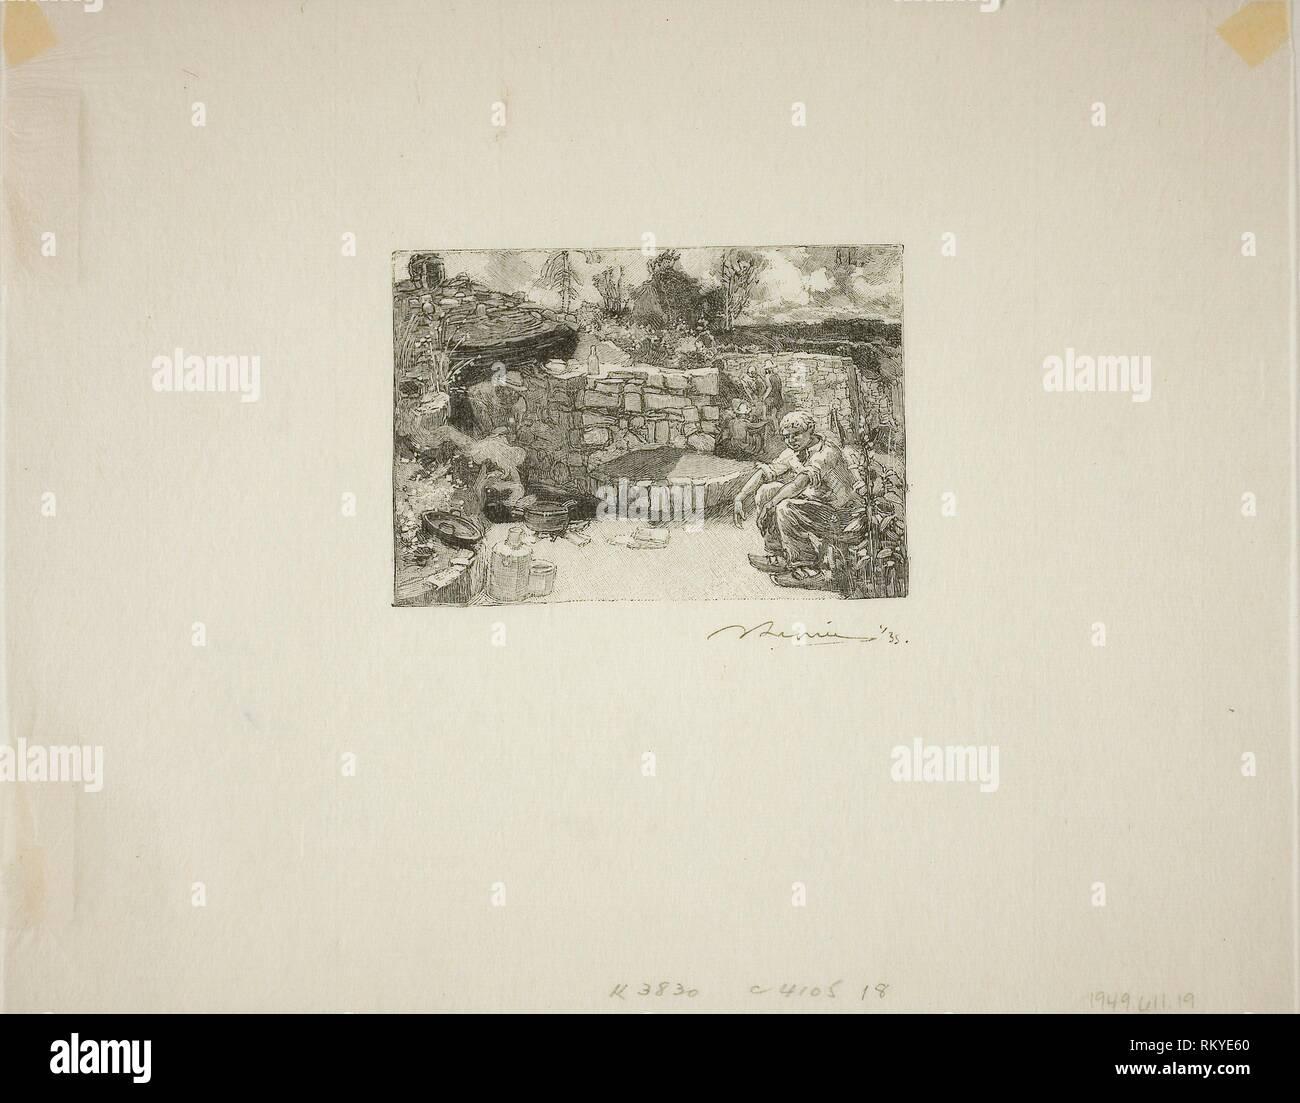 Quarryman's Hut - published 1908 - Louis Auguste Lepère (French, 1849-1918) published by A. Desmoulins (French, active c. 1908-1910) - Artist: Louis - Stock Image